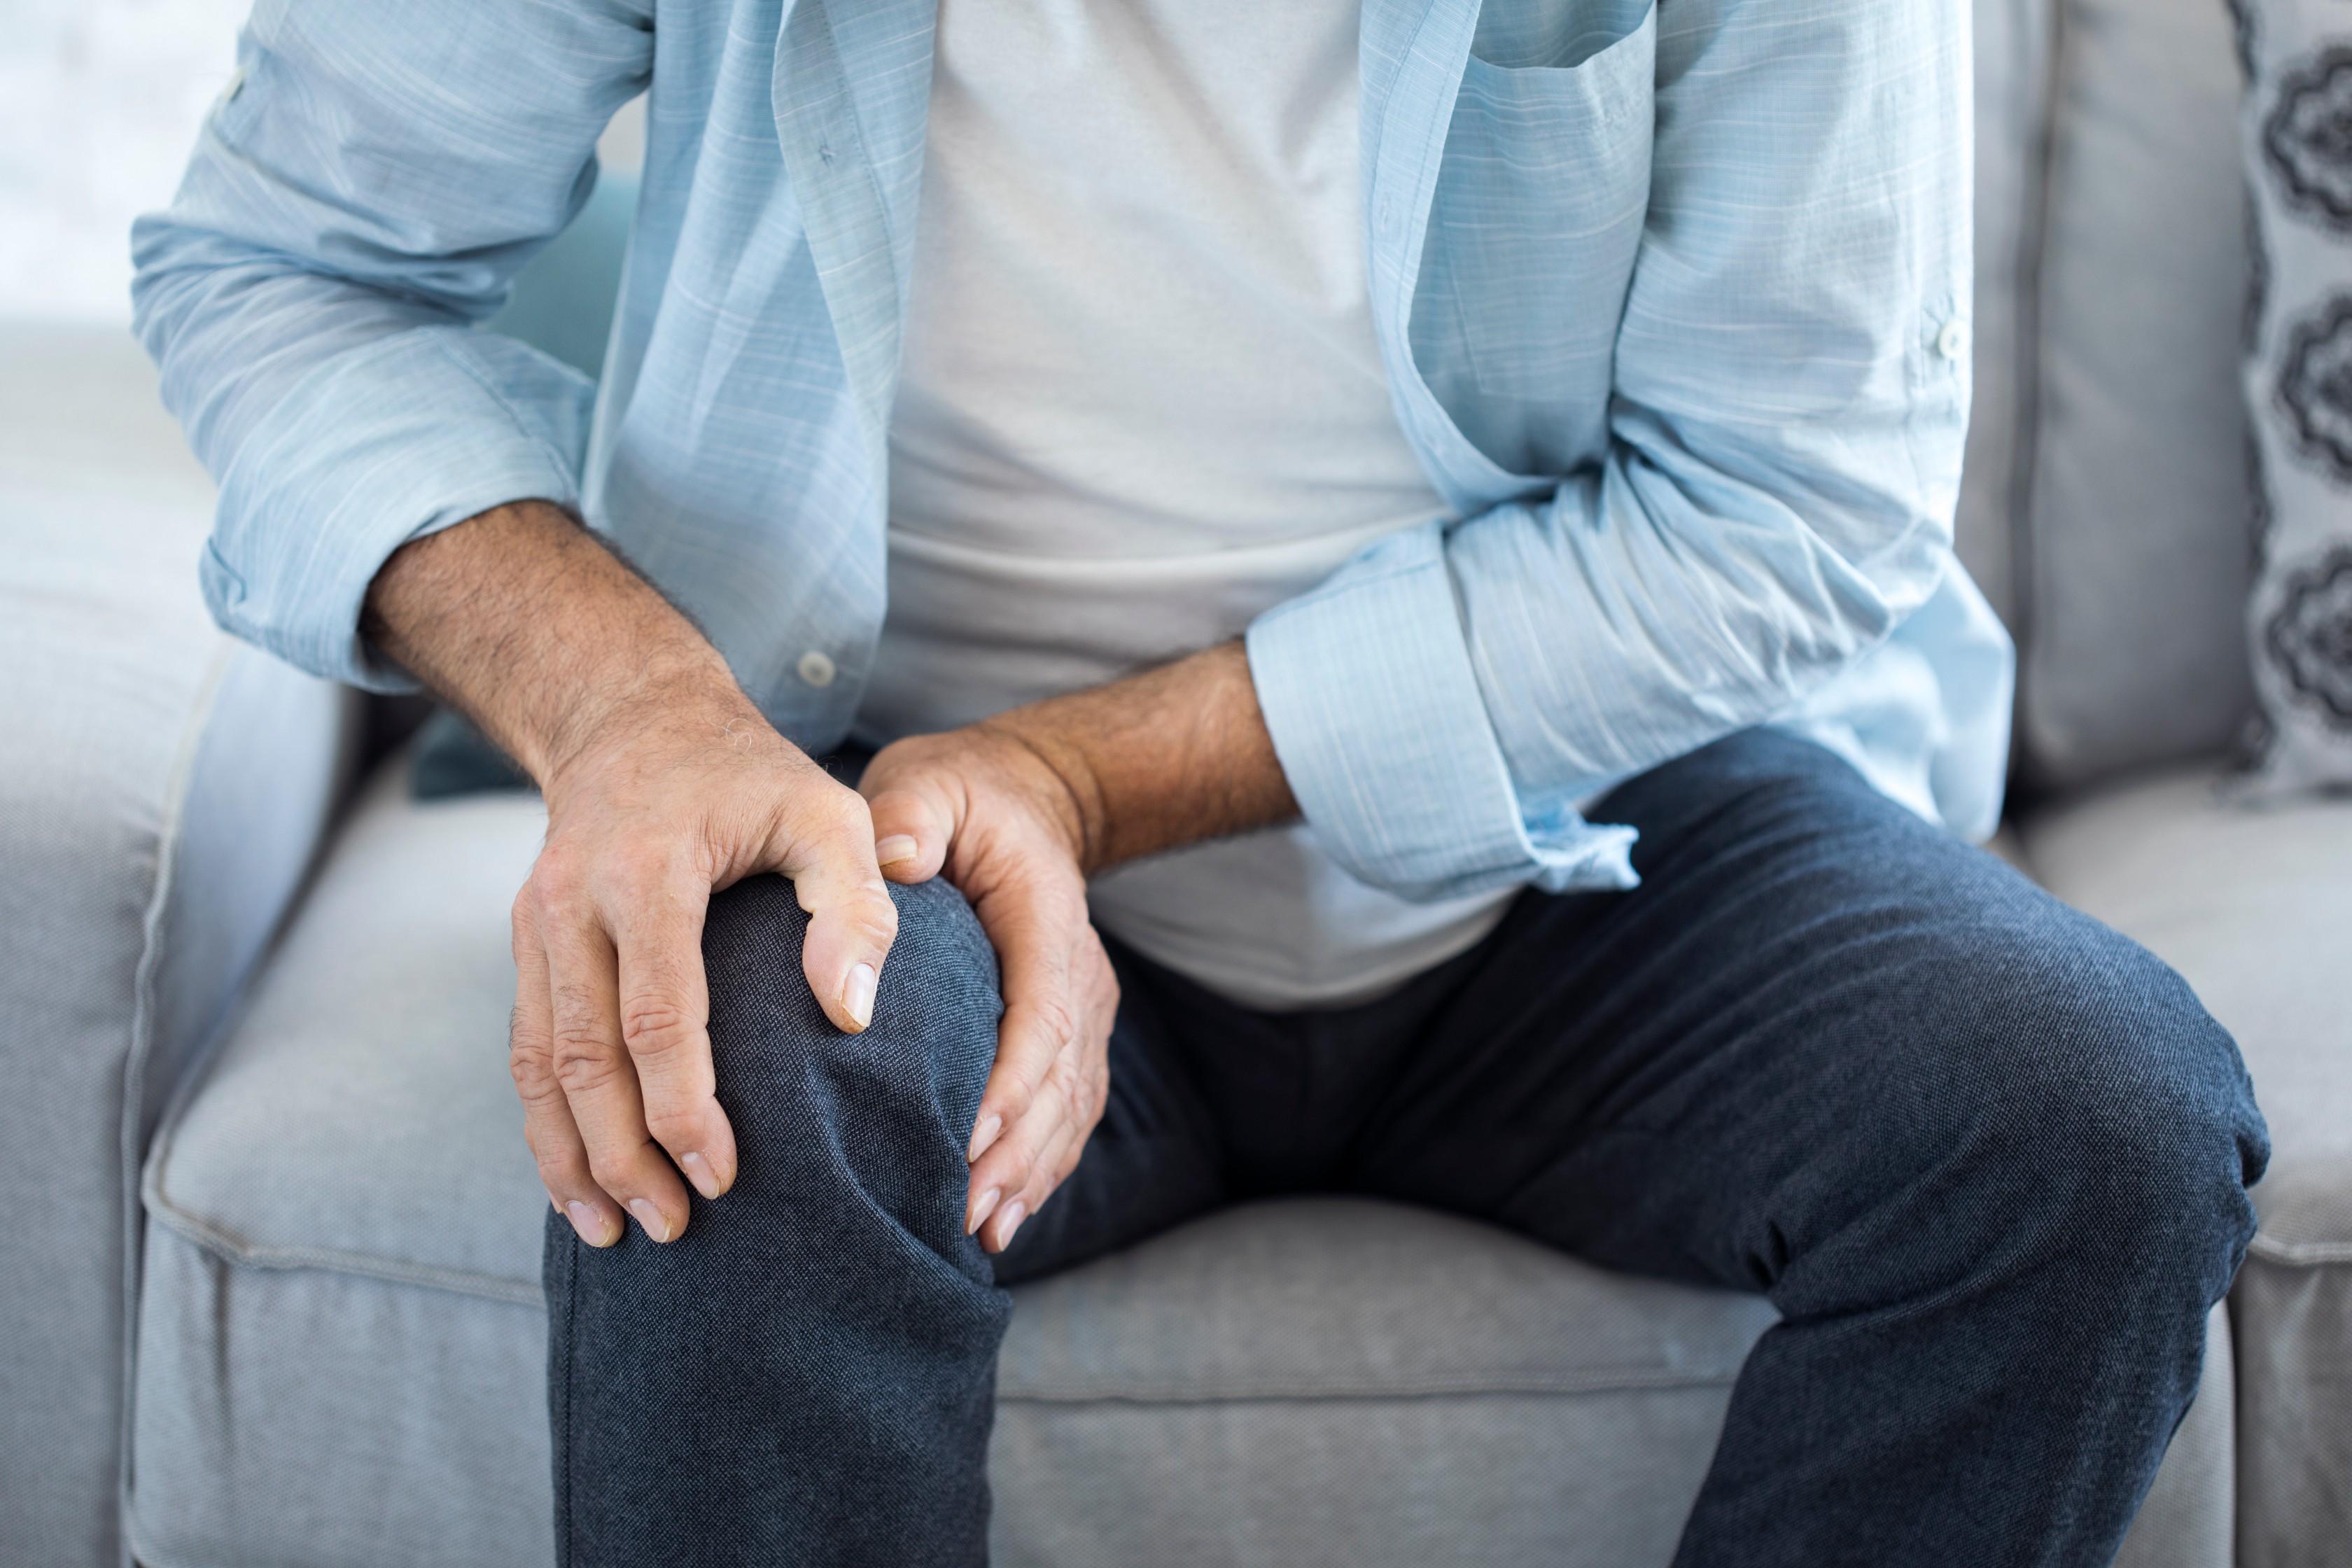 időszakos fájó ízületi fájdalom